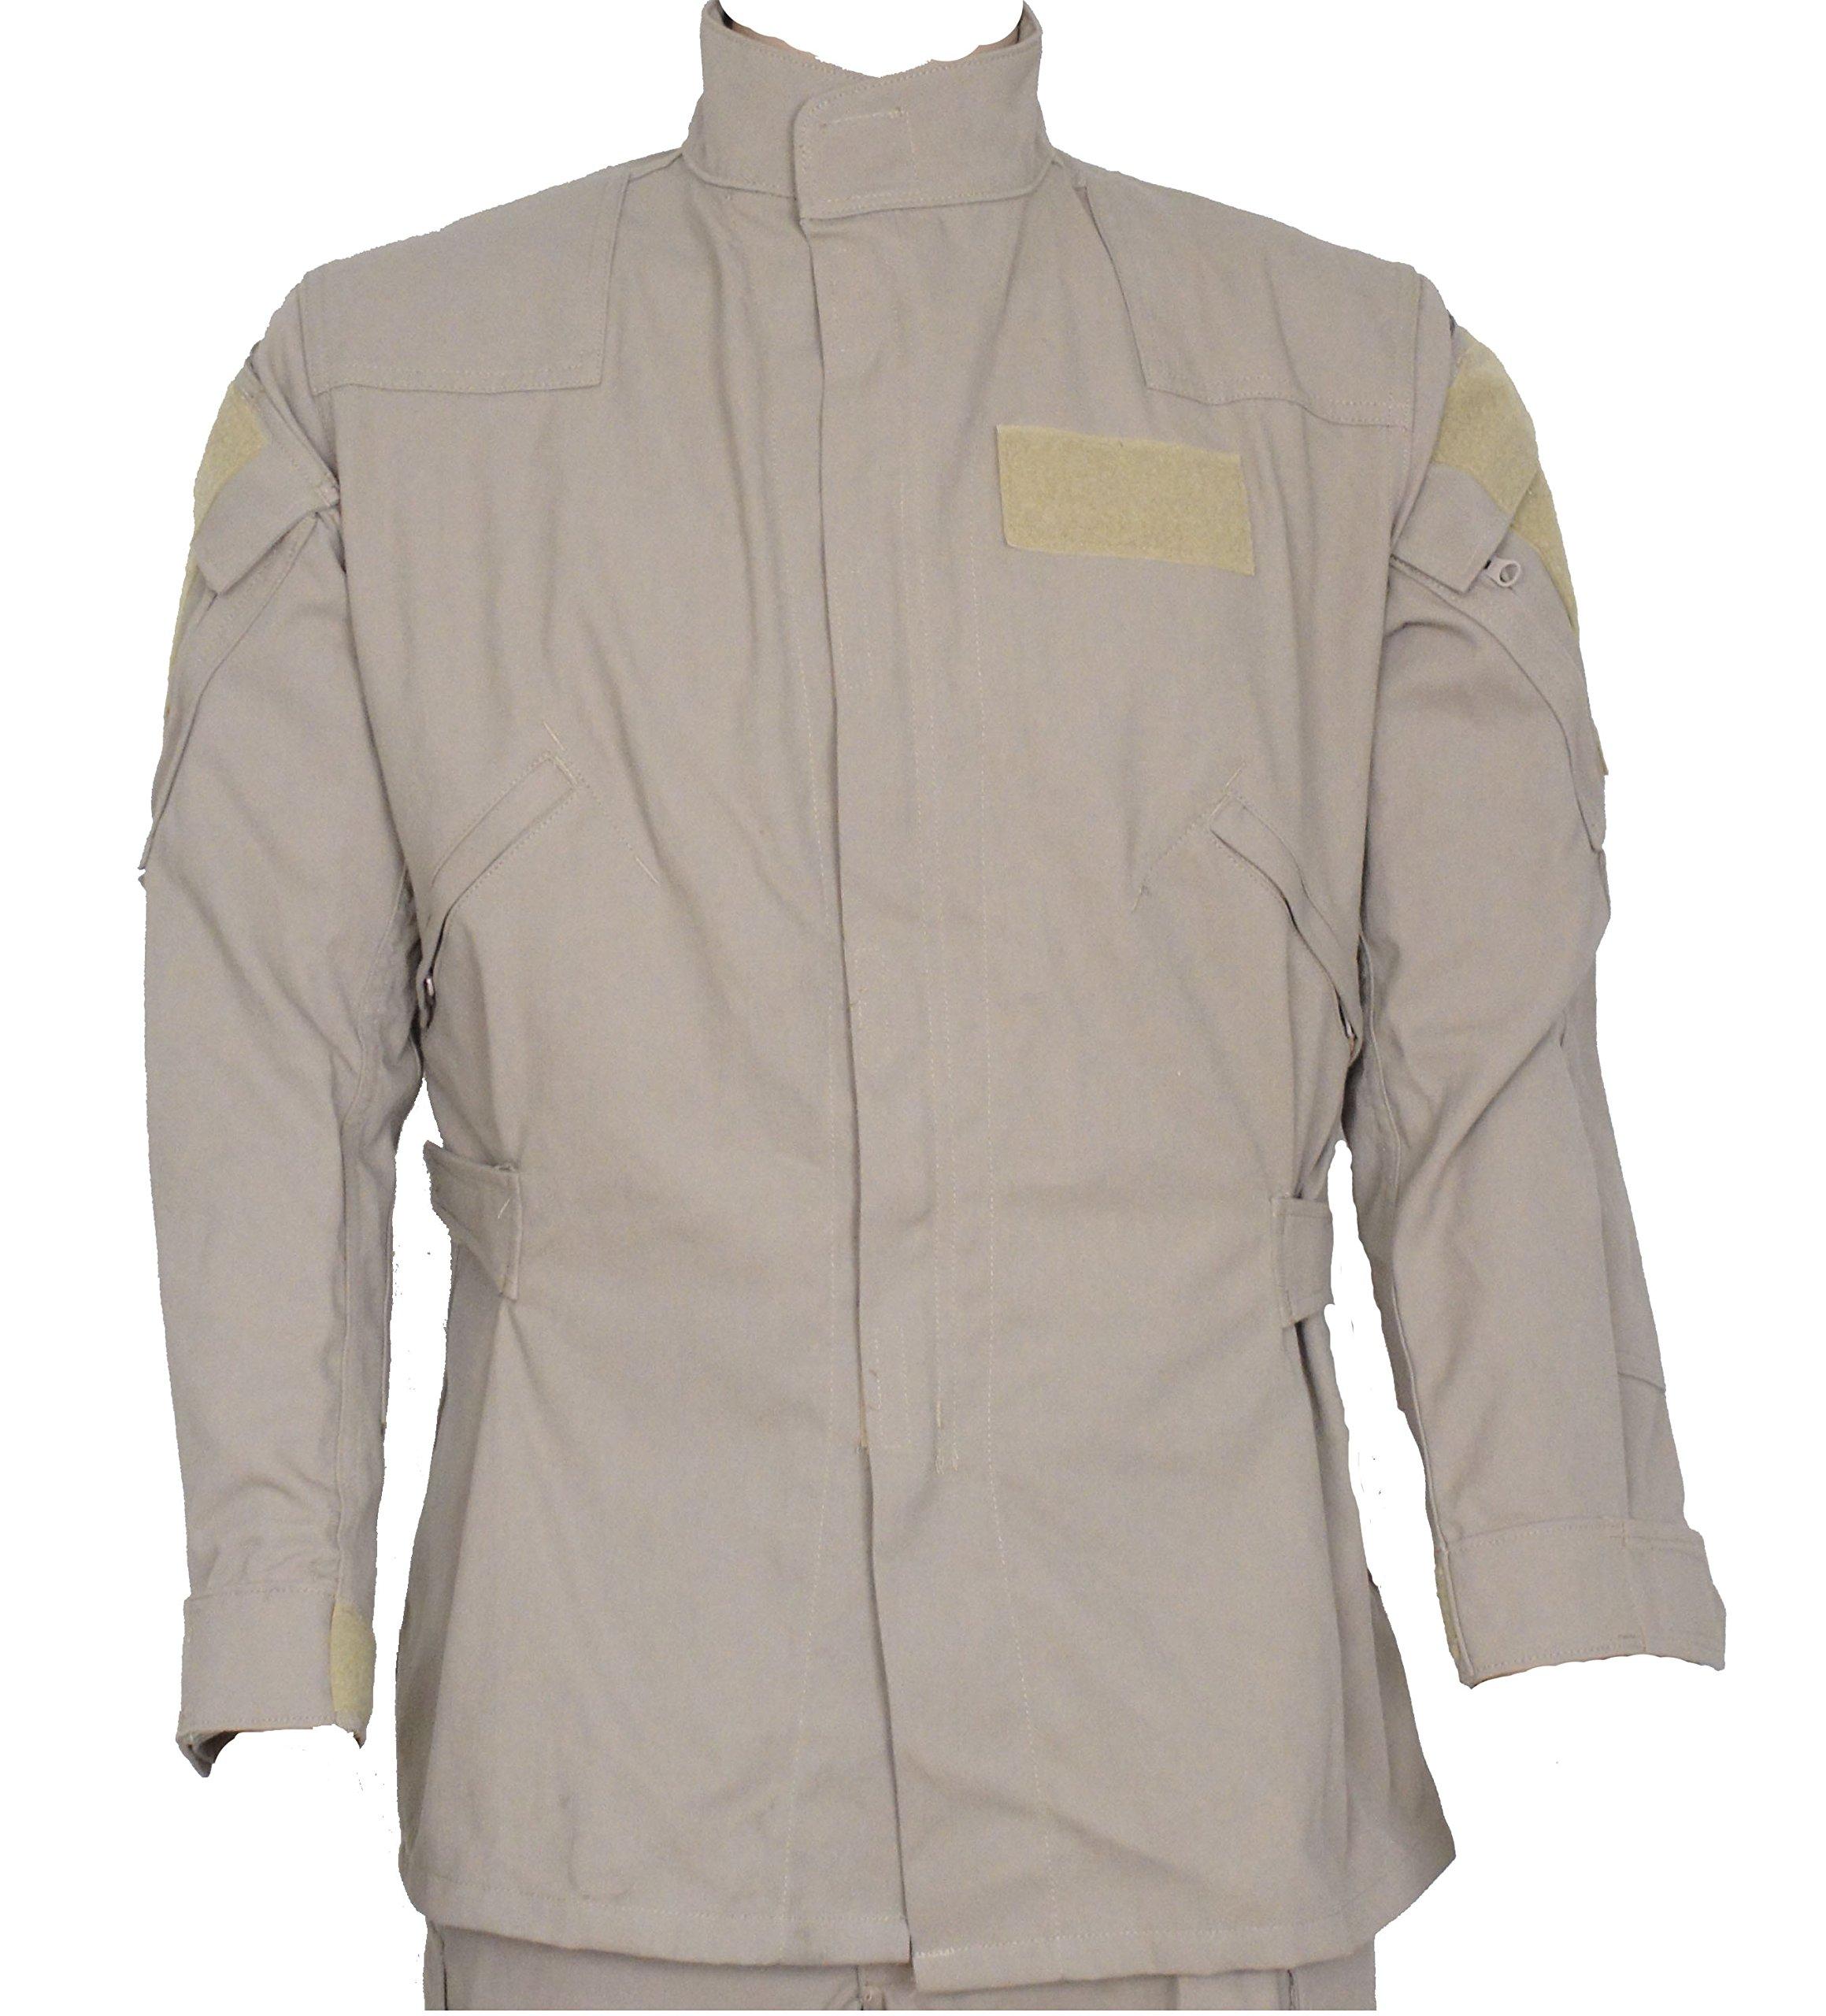 Drifire Phoenix II Fire Resistant Flight Suit Khaki Jacket US Army XLarge Short